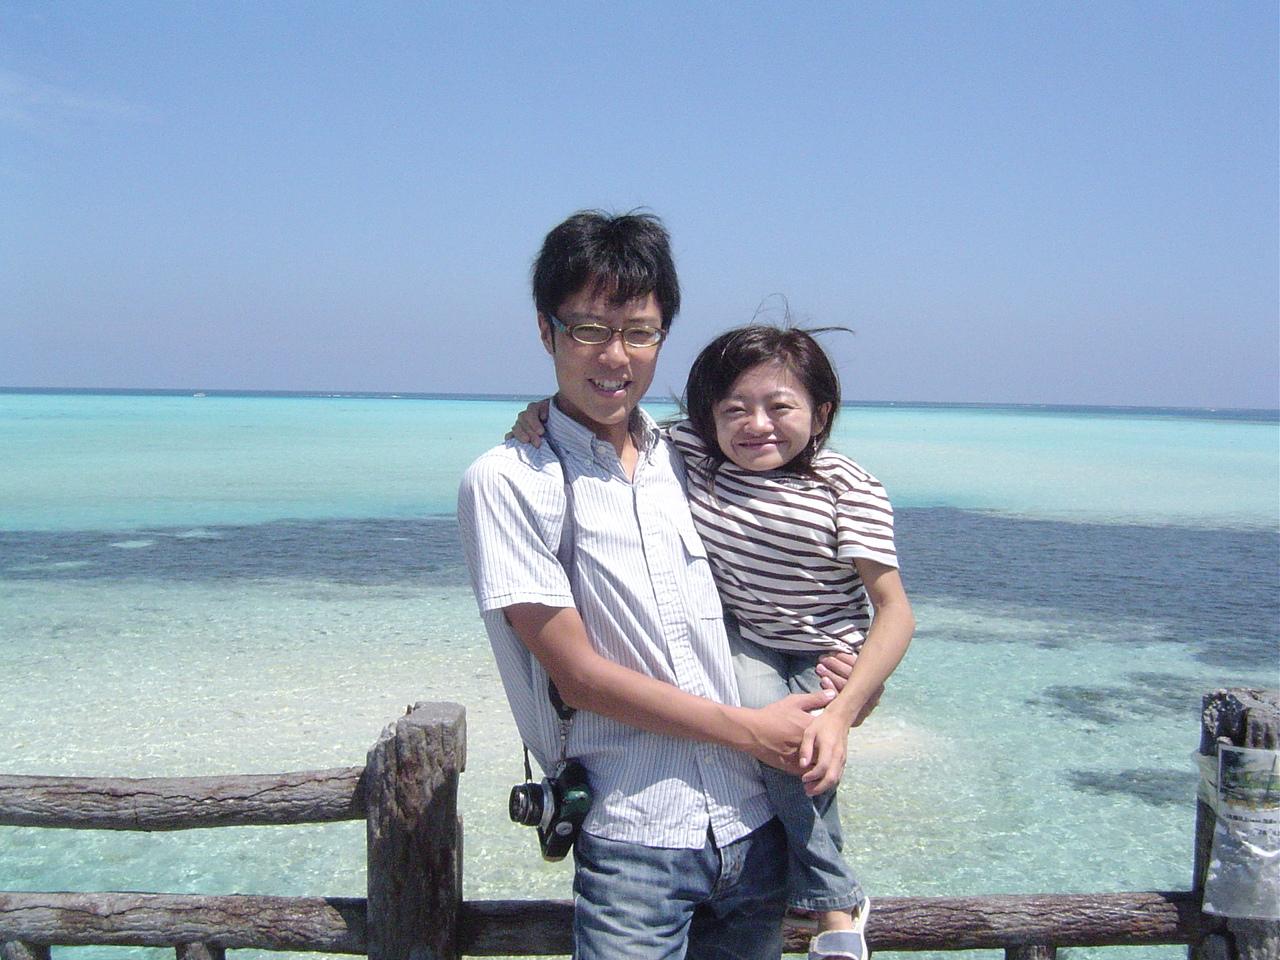 実家の沖縄に帰省した時、池間大橋にて。